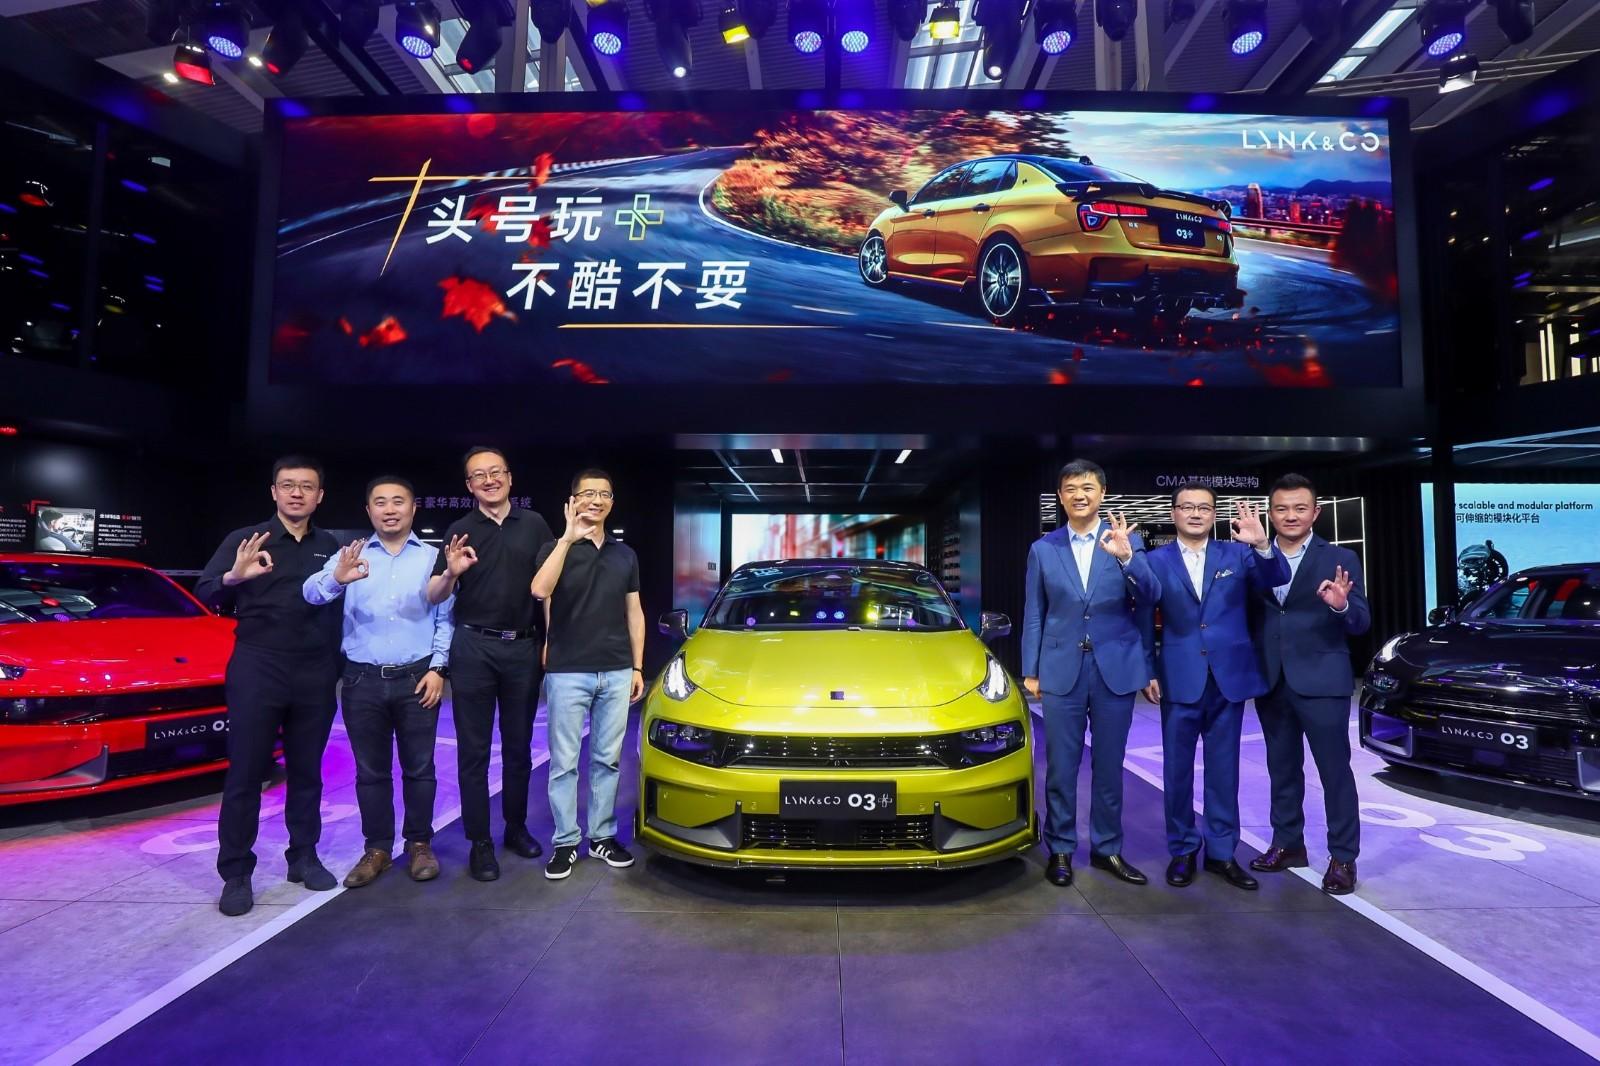 2019深港澳国际车展,领克03+震撼首发